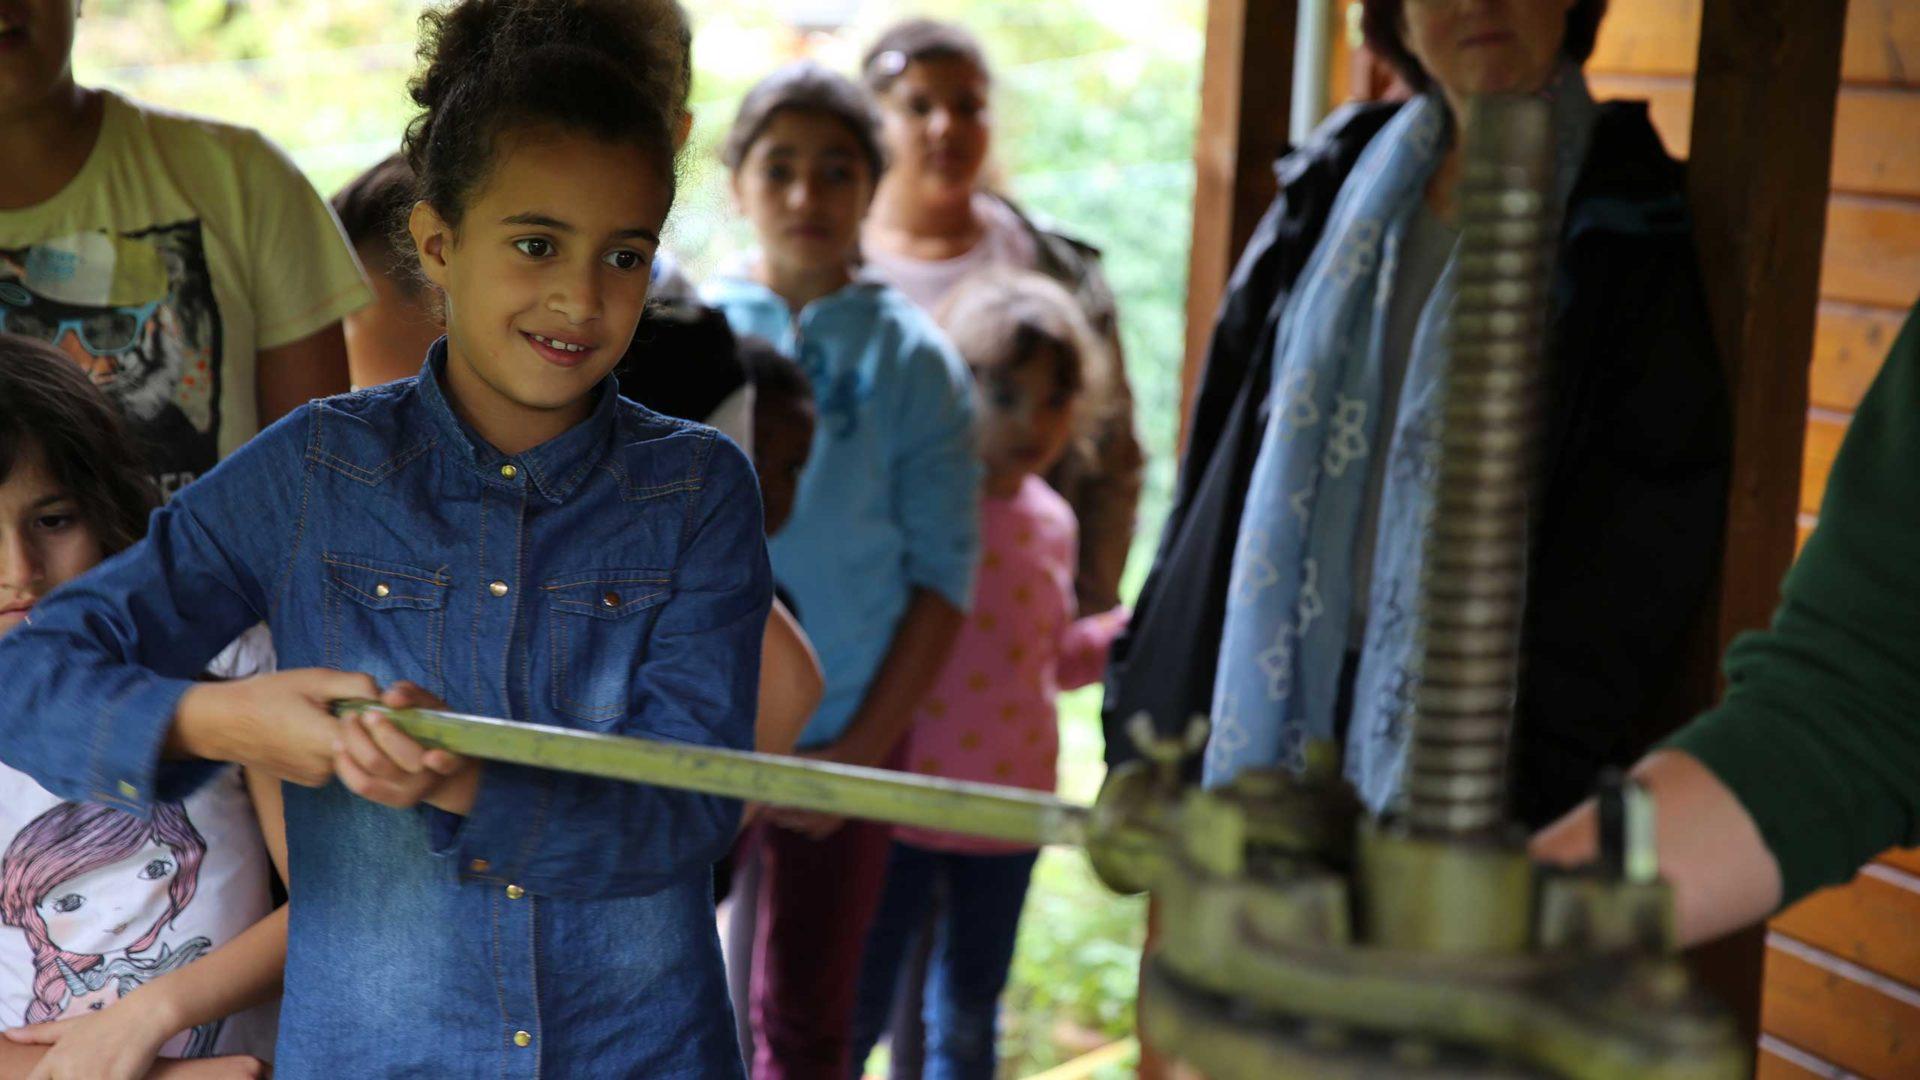 Abwechselnd dürfen die Kinder die Streuobst-Äpfel pressen.